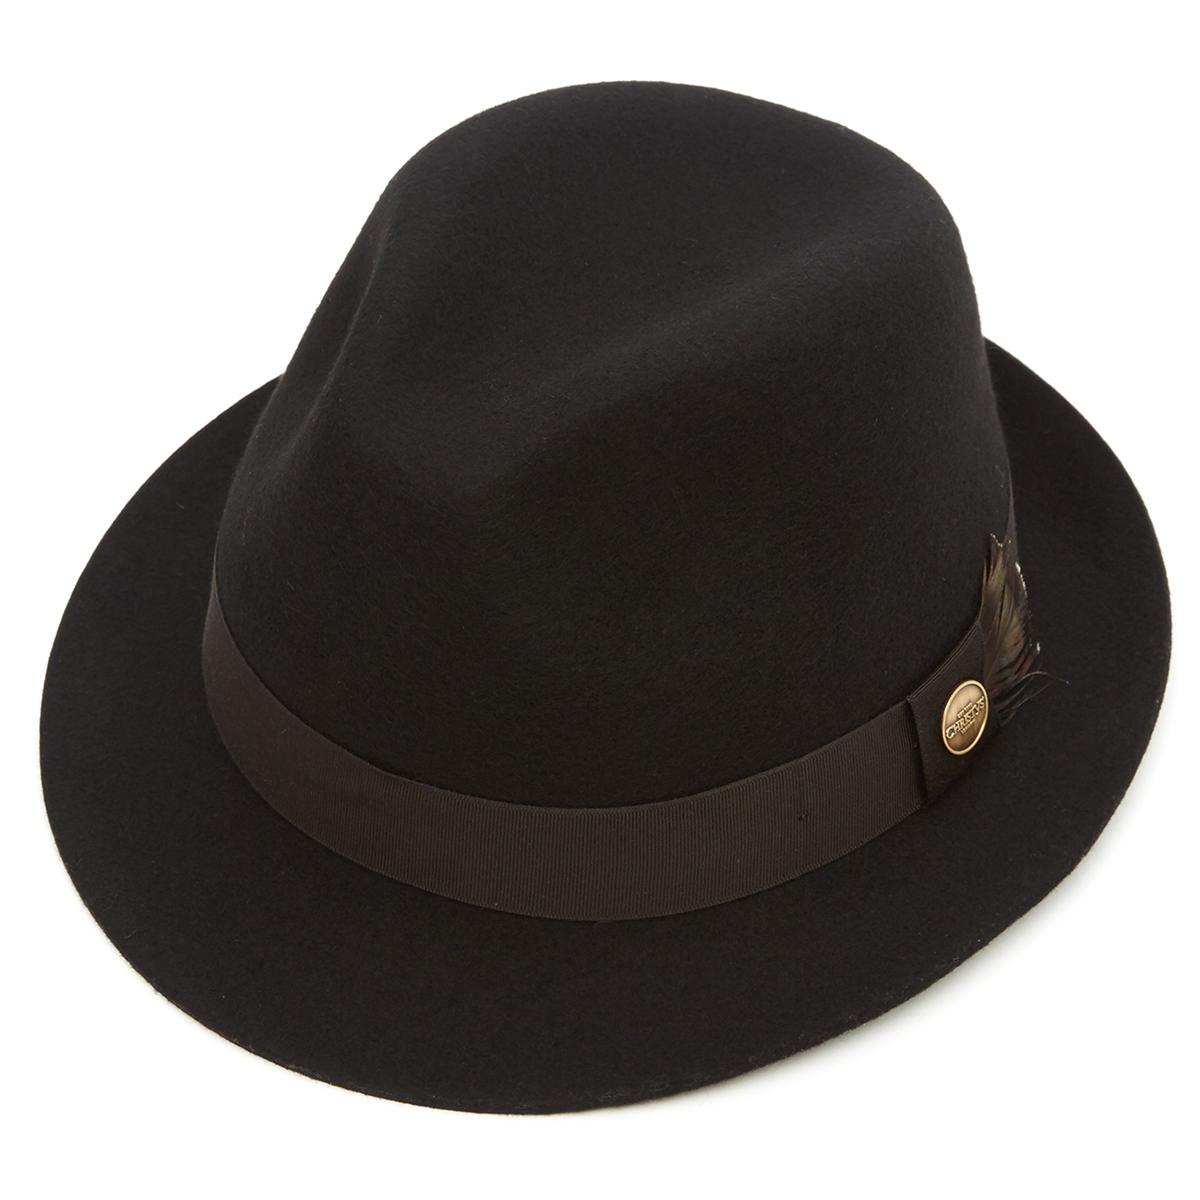 Wychwood Wool Felt Trilby Hat Black M